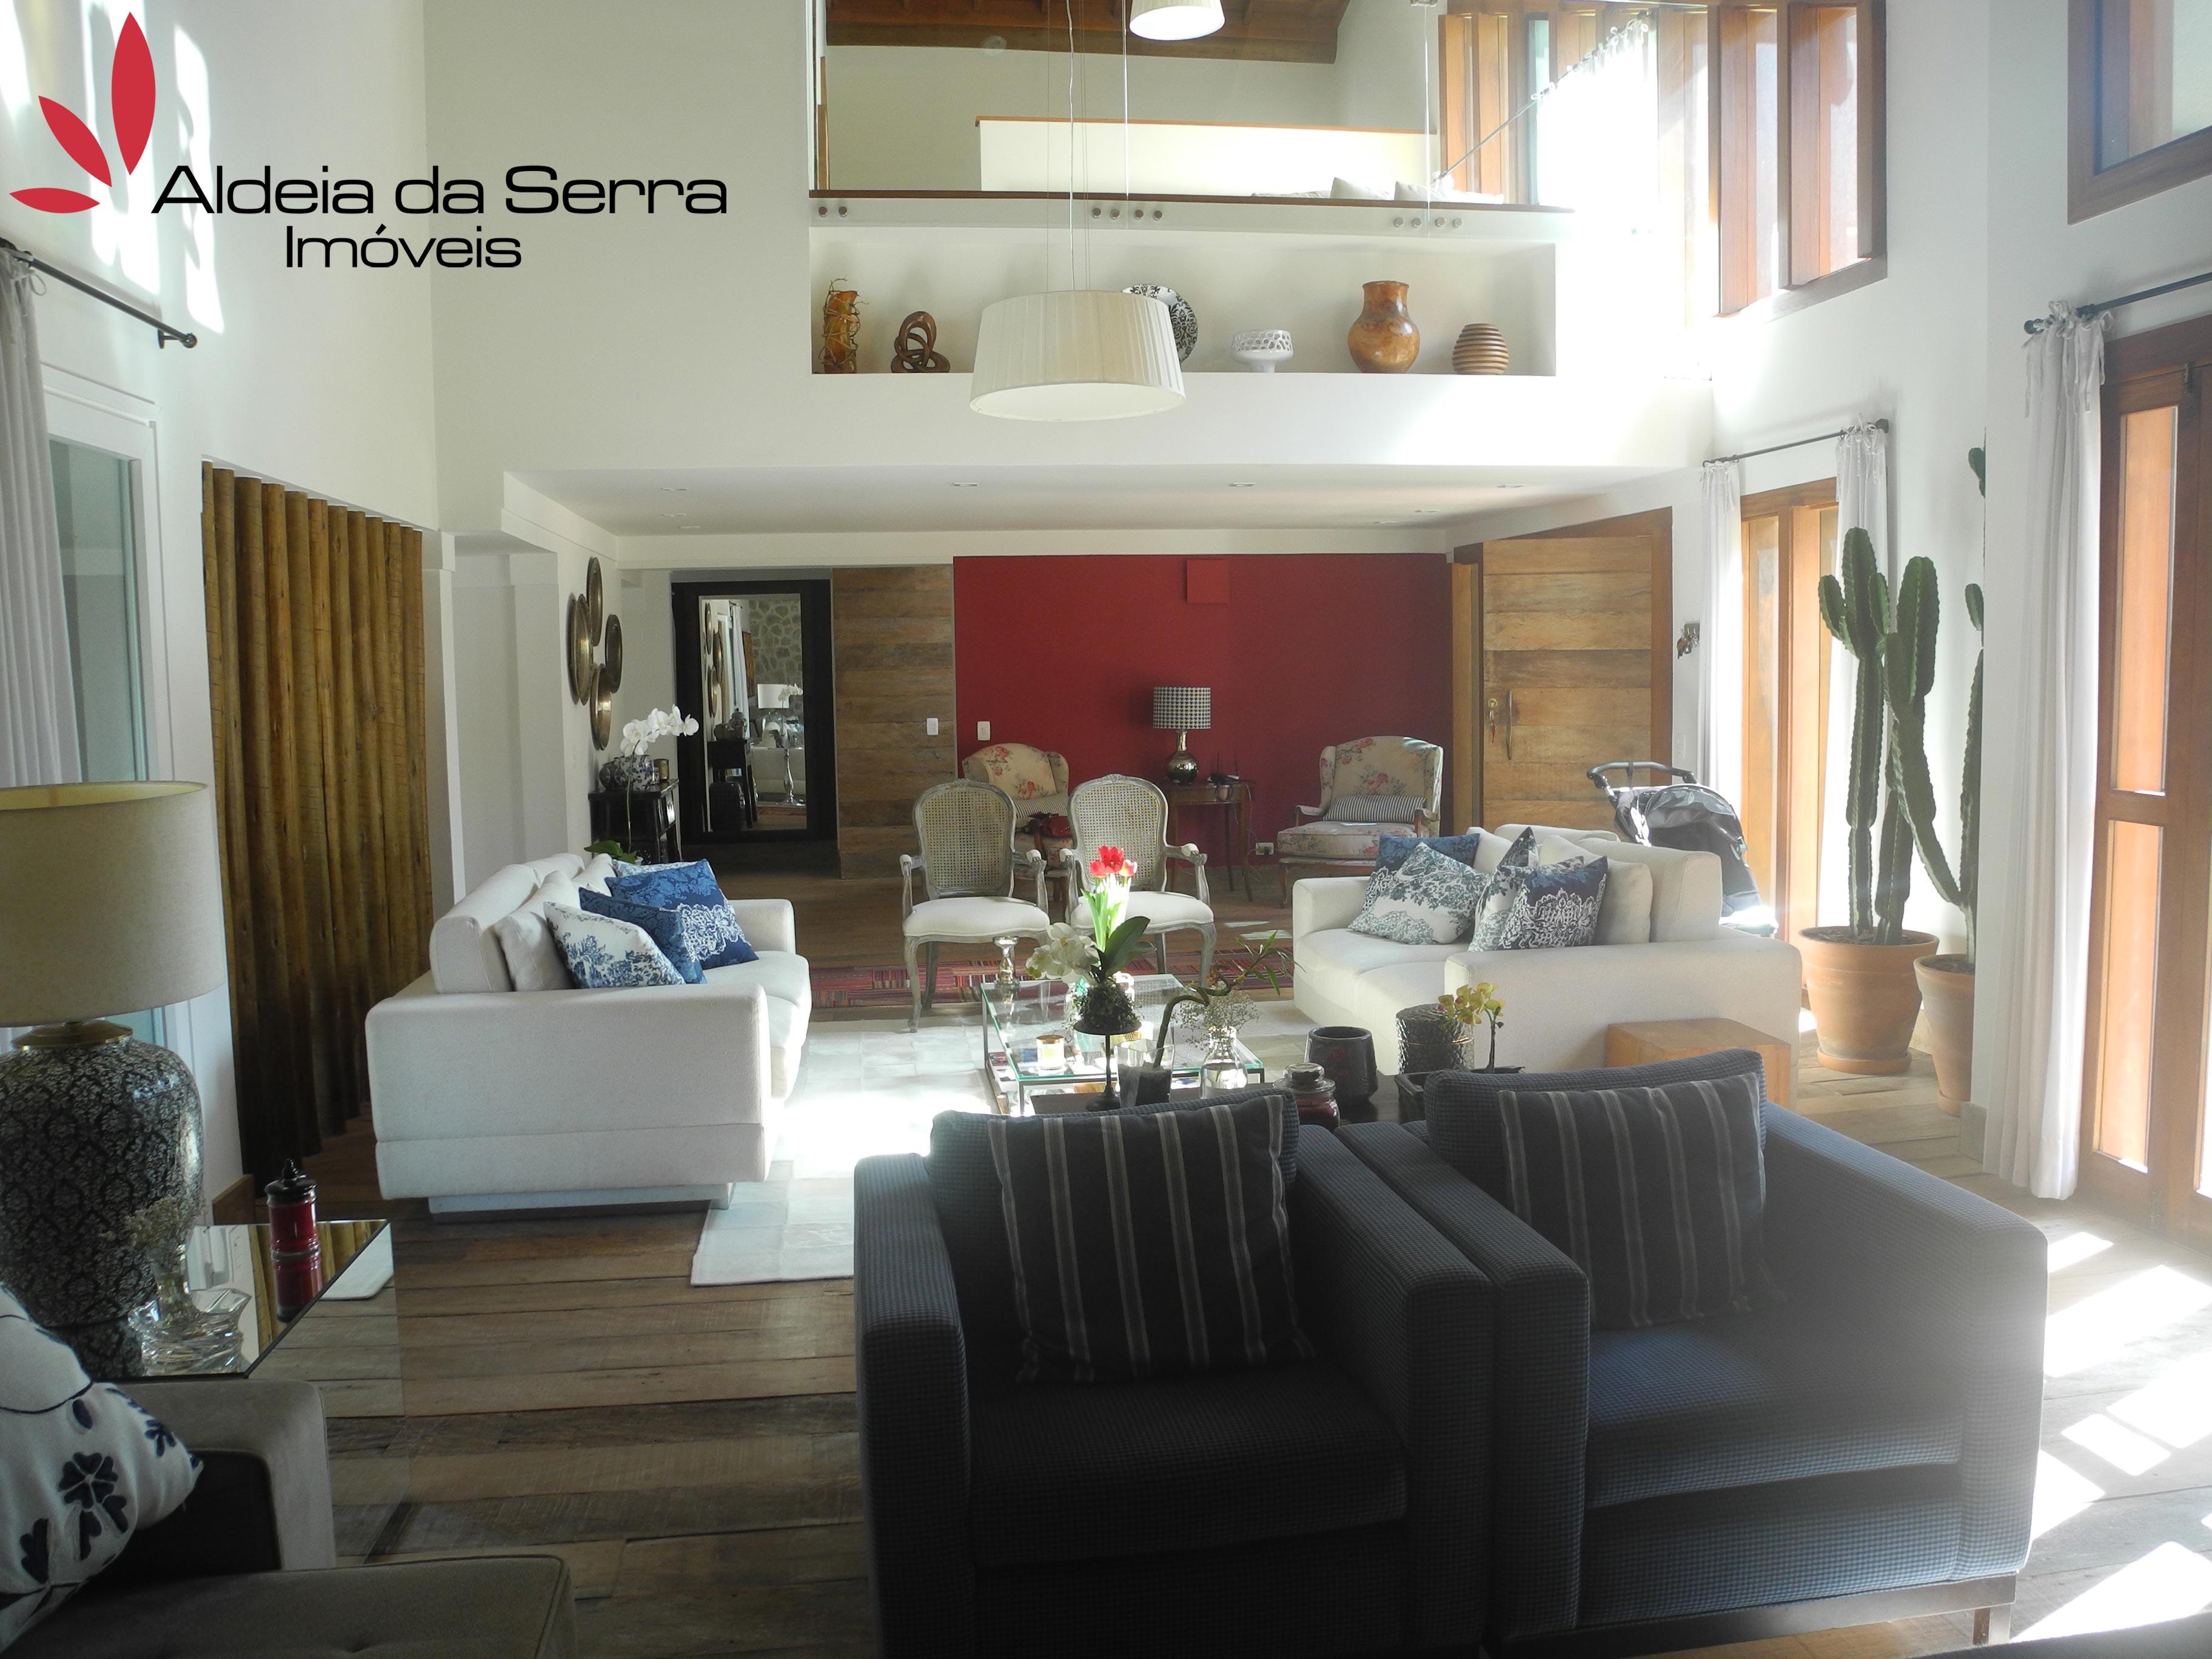 /admin/imoveis/fotos/Morada-dos-lagos-aldeia-da-serra-vendajpg24.jpg Aldeia da Serra Imoveis